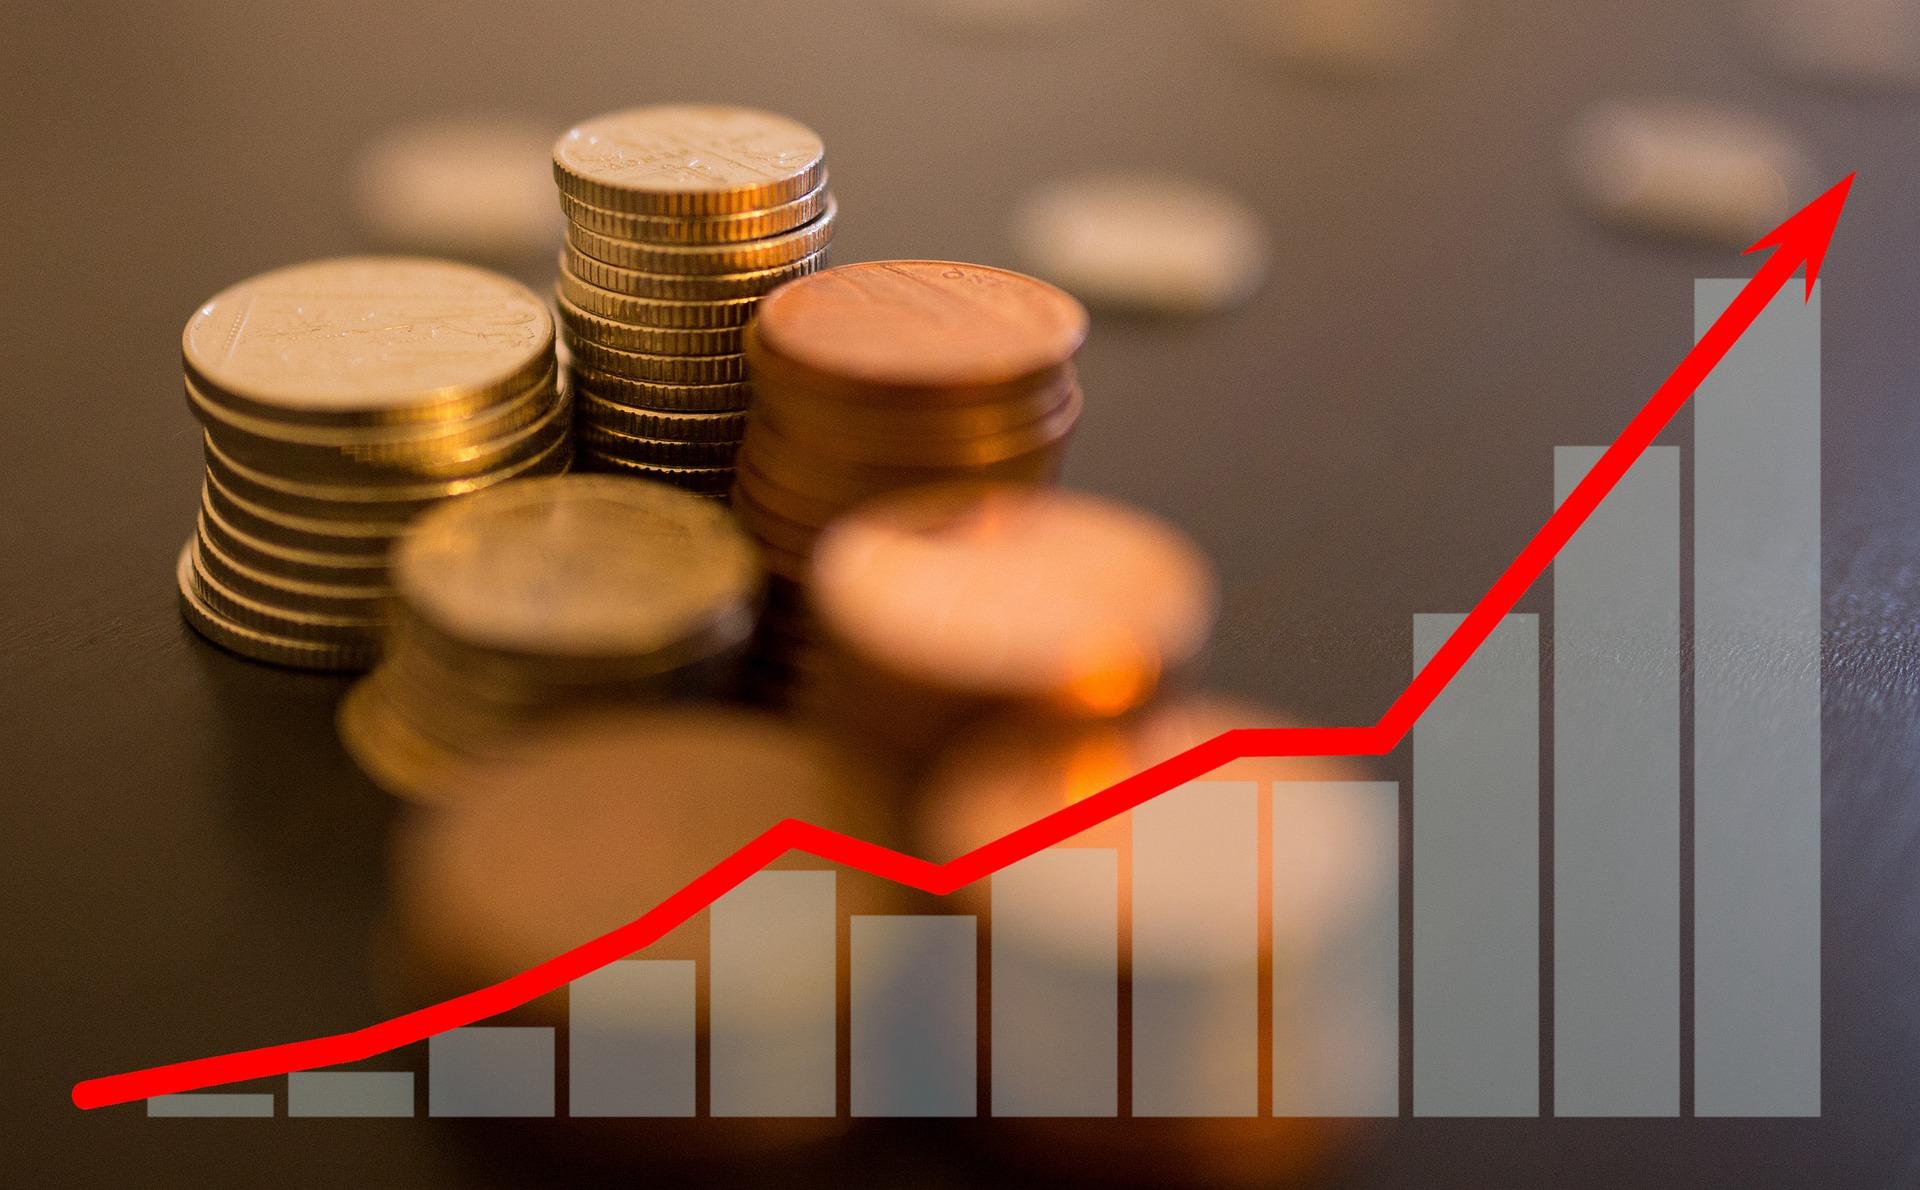 Инфляция в РФ растет и достигла 7,8%